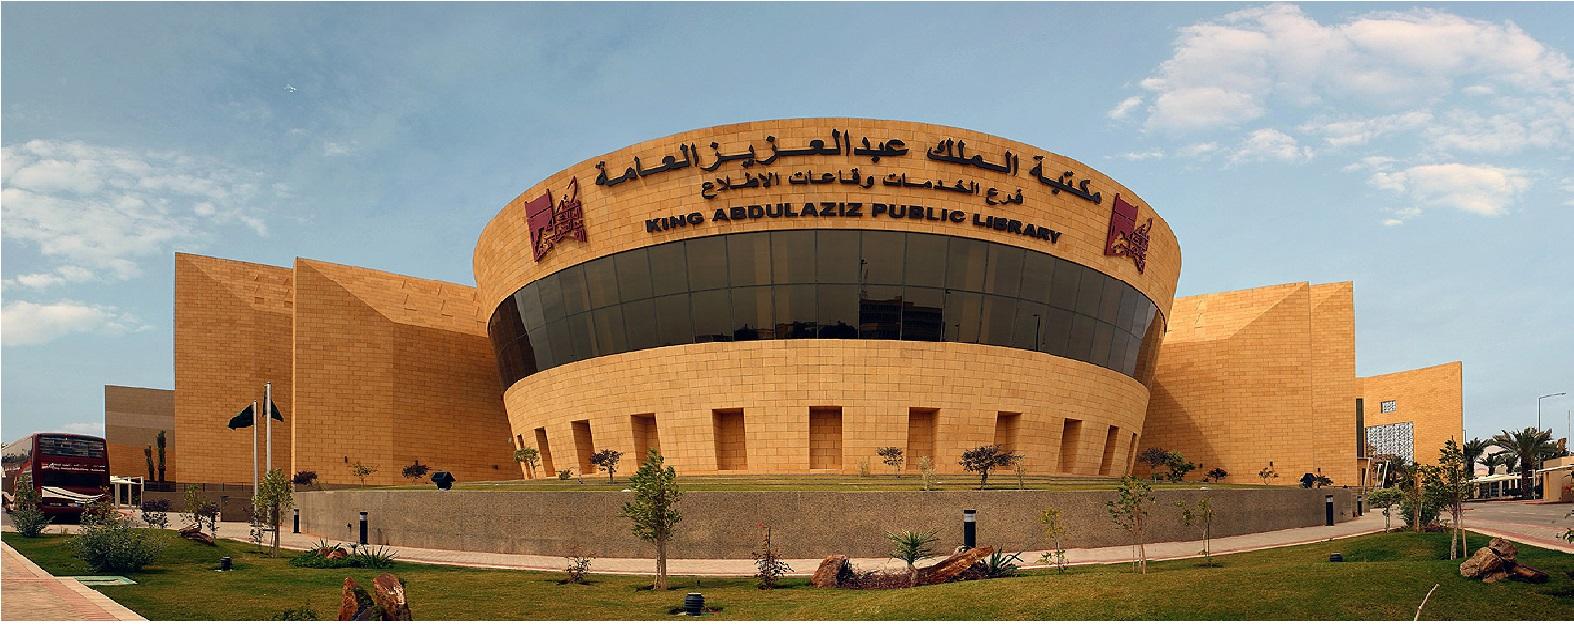 King Abdulaziz Public Library